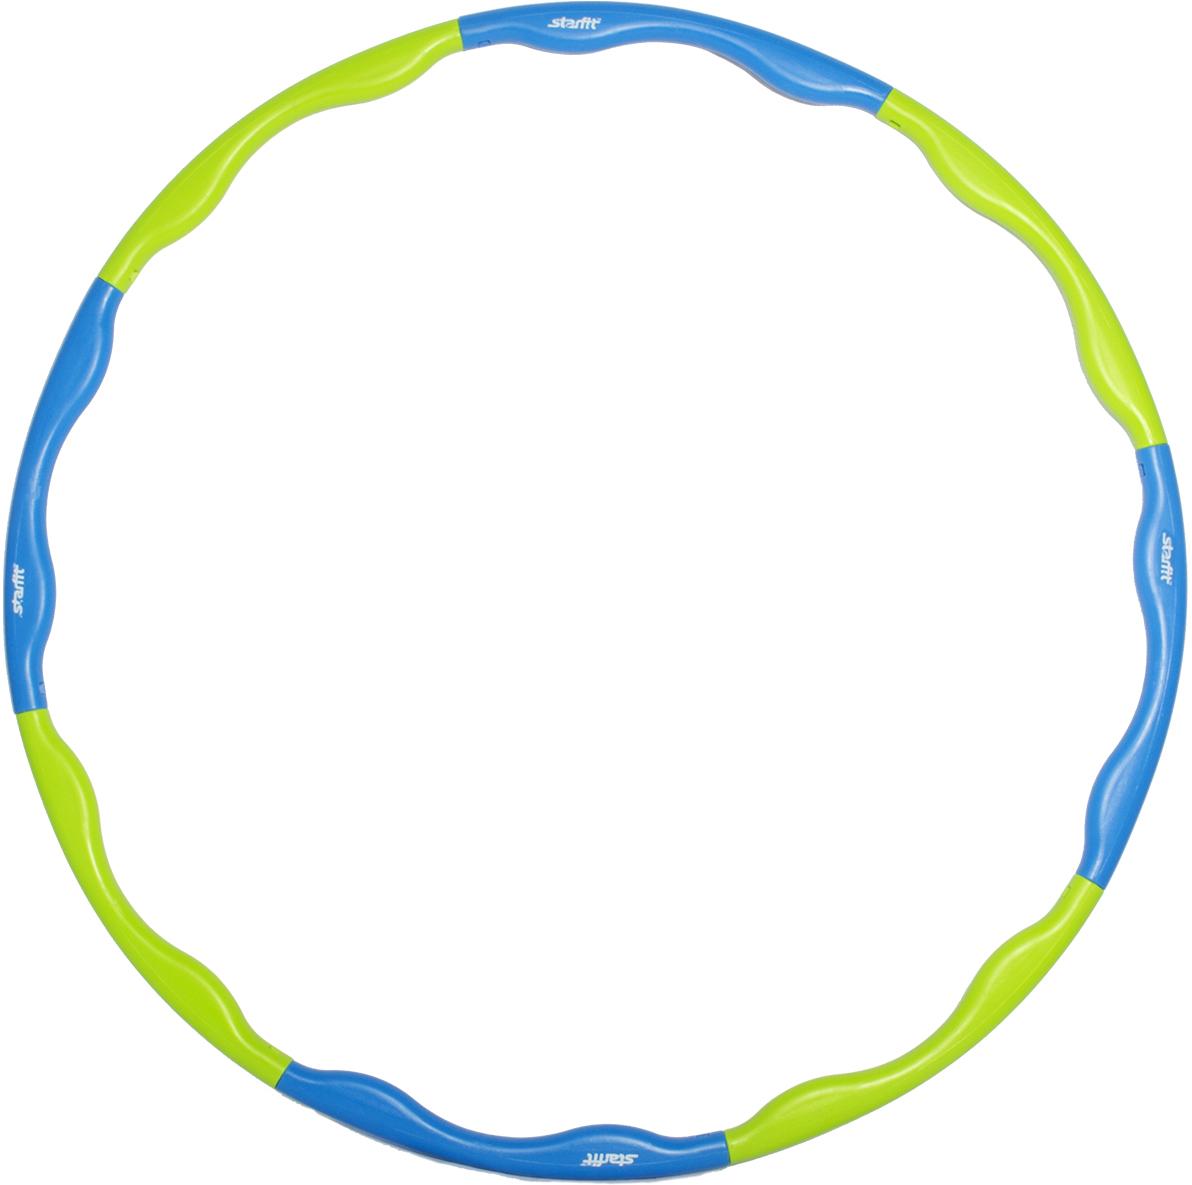 """Обруч массажный """"Star Fit"""", разборный, цвет: синий, салатовый, диаметр 90 см, Starfit"""